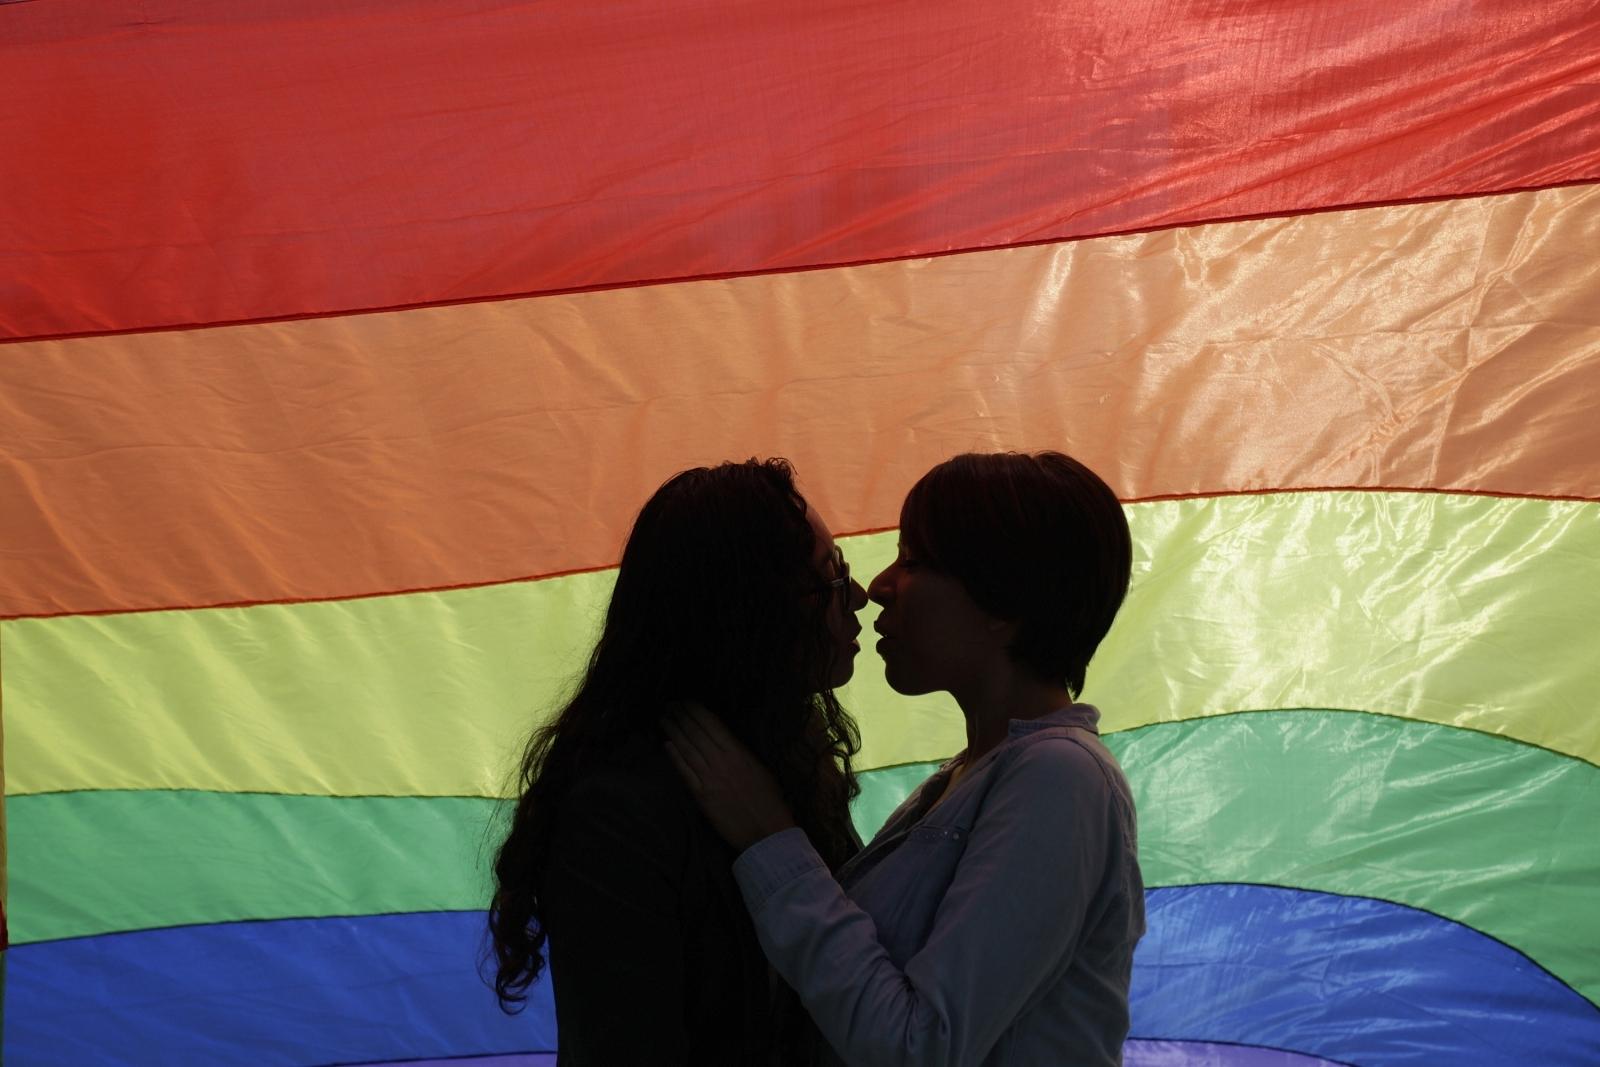 Gay couple kisses by rainbow flag